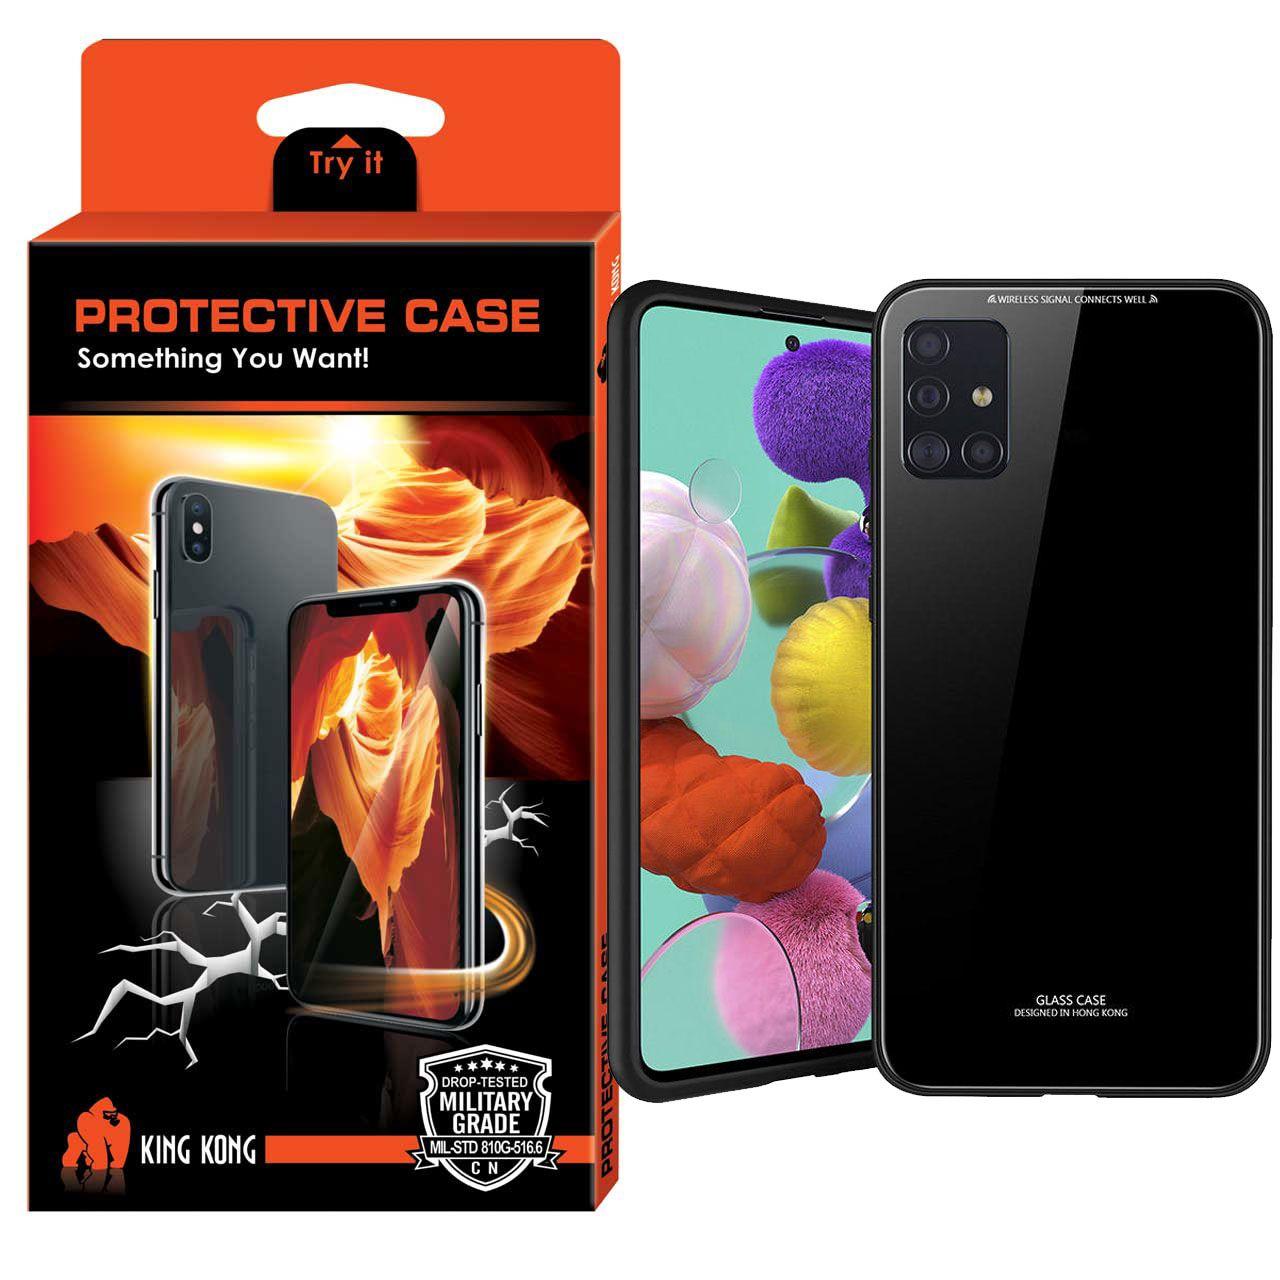 کاور کینگ کونگ مدل PG00 مناسب برای گوشی موبایل سامسونگ Galaxy A51